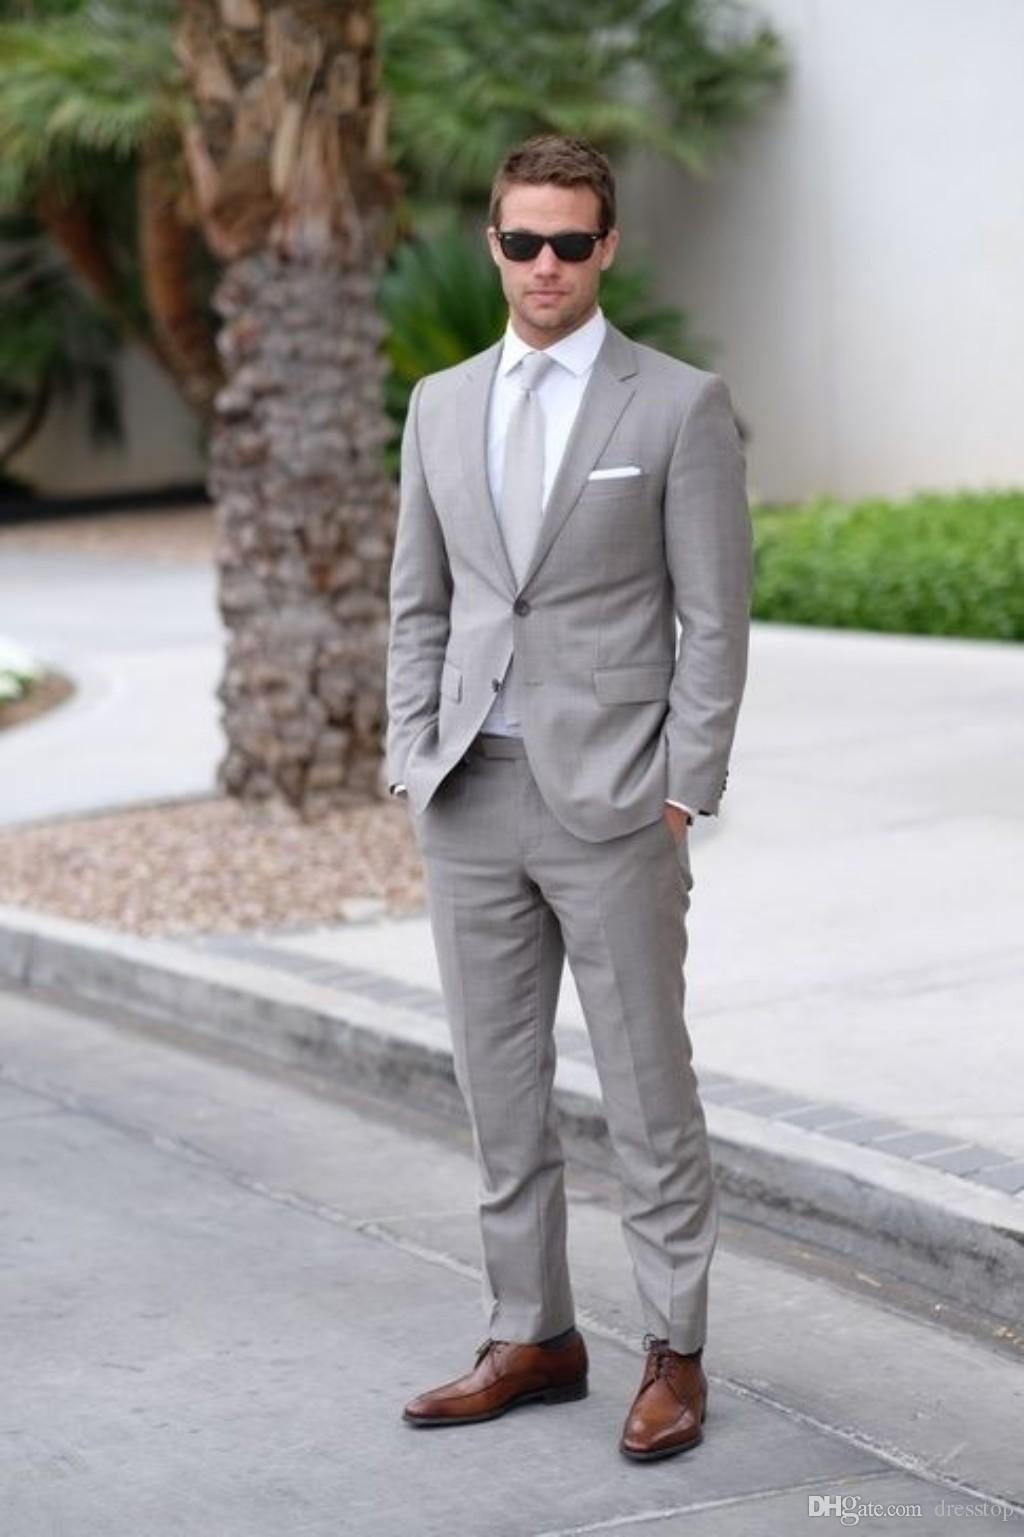 Pin von Guia estilo masculino auf Moda para homens | Pinterest | Anzüge